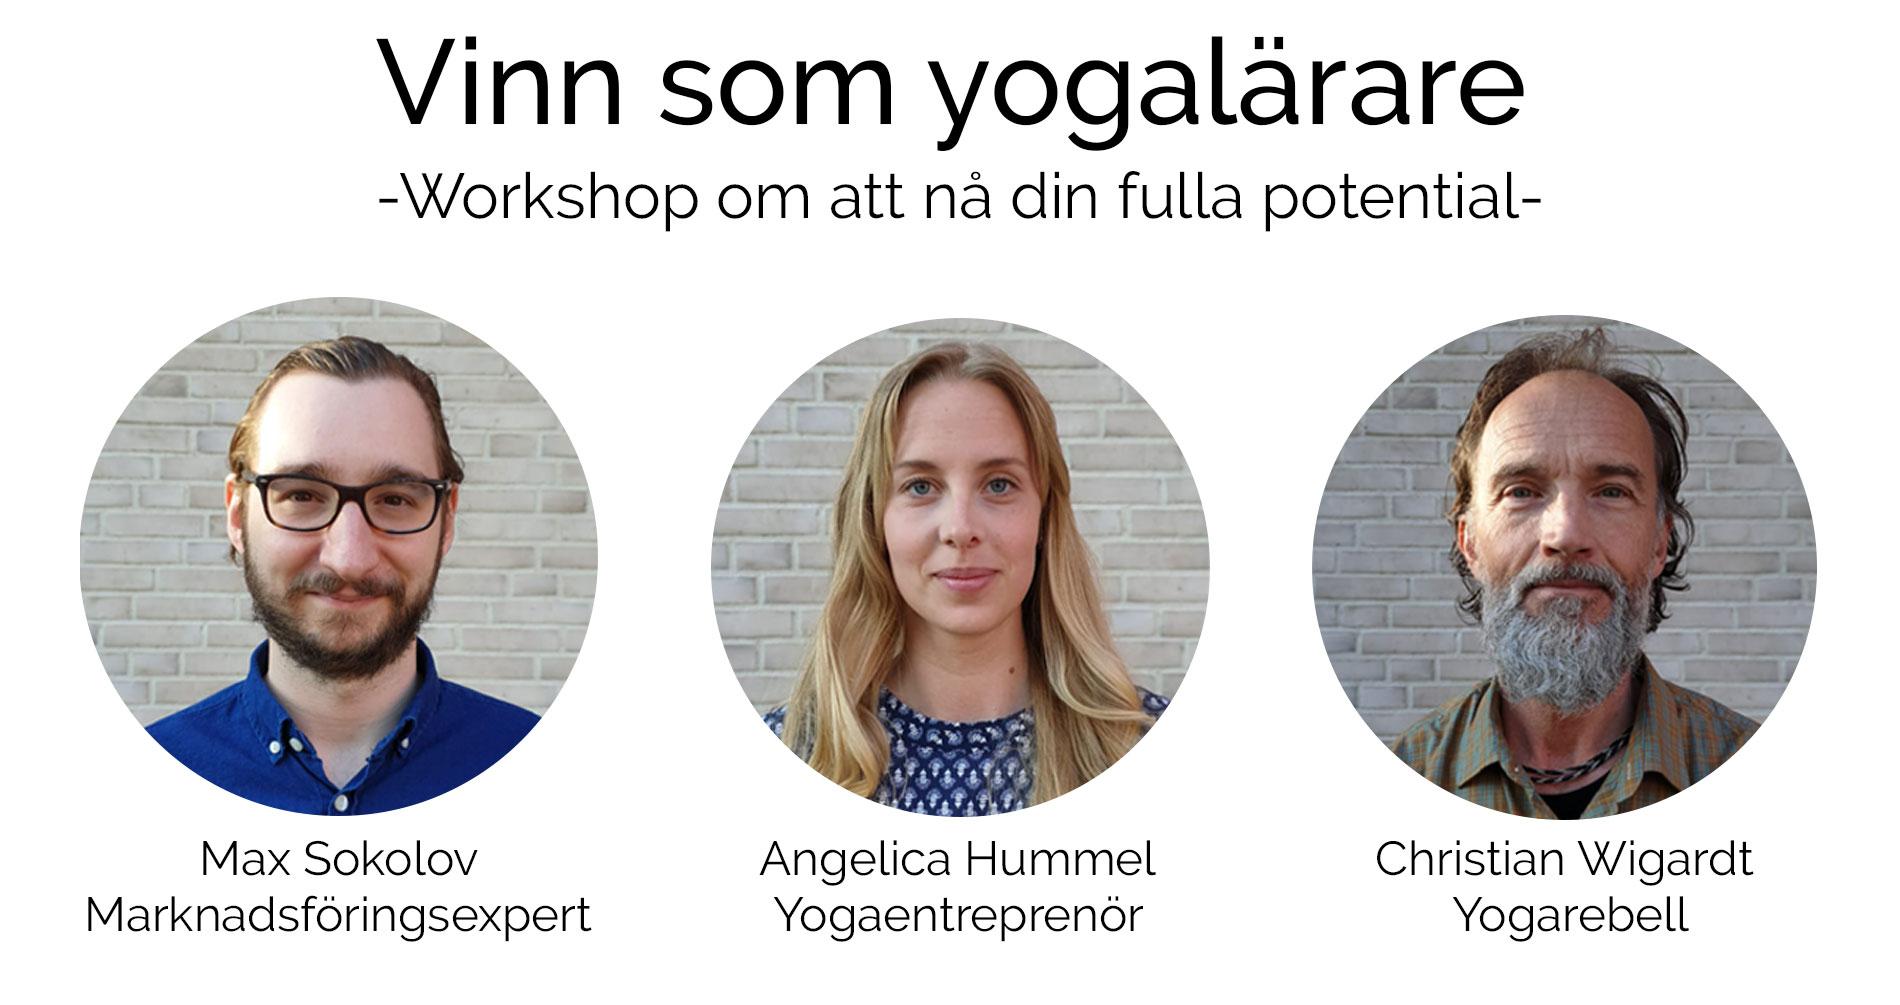 Vinn som yogalärare | Workshop om att nå din fulla potential